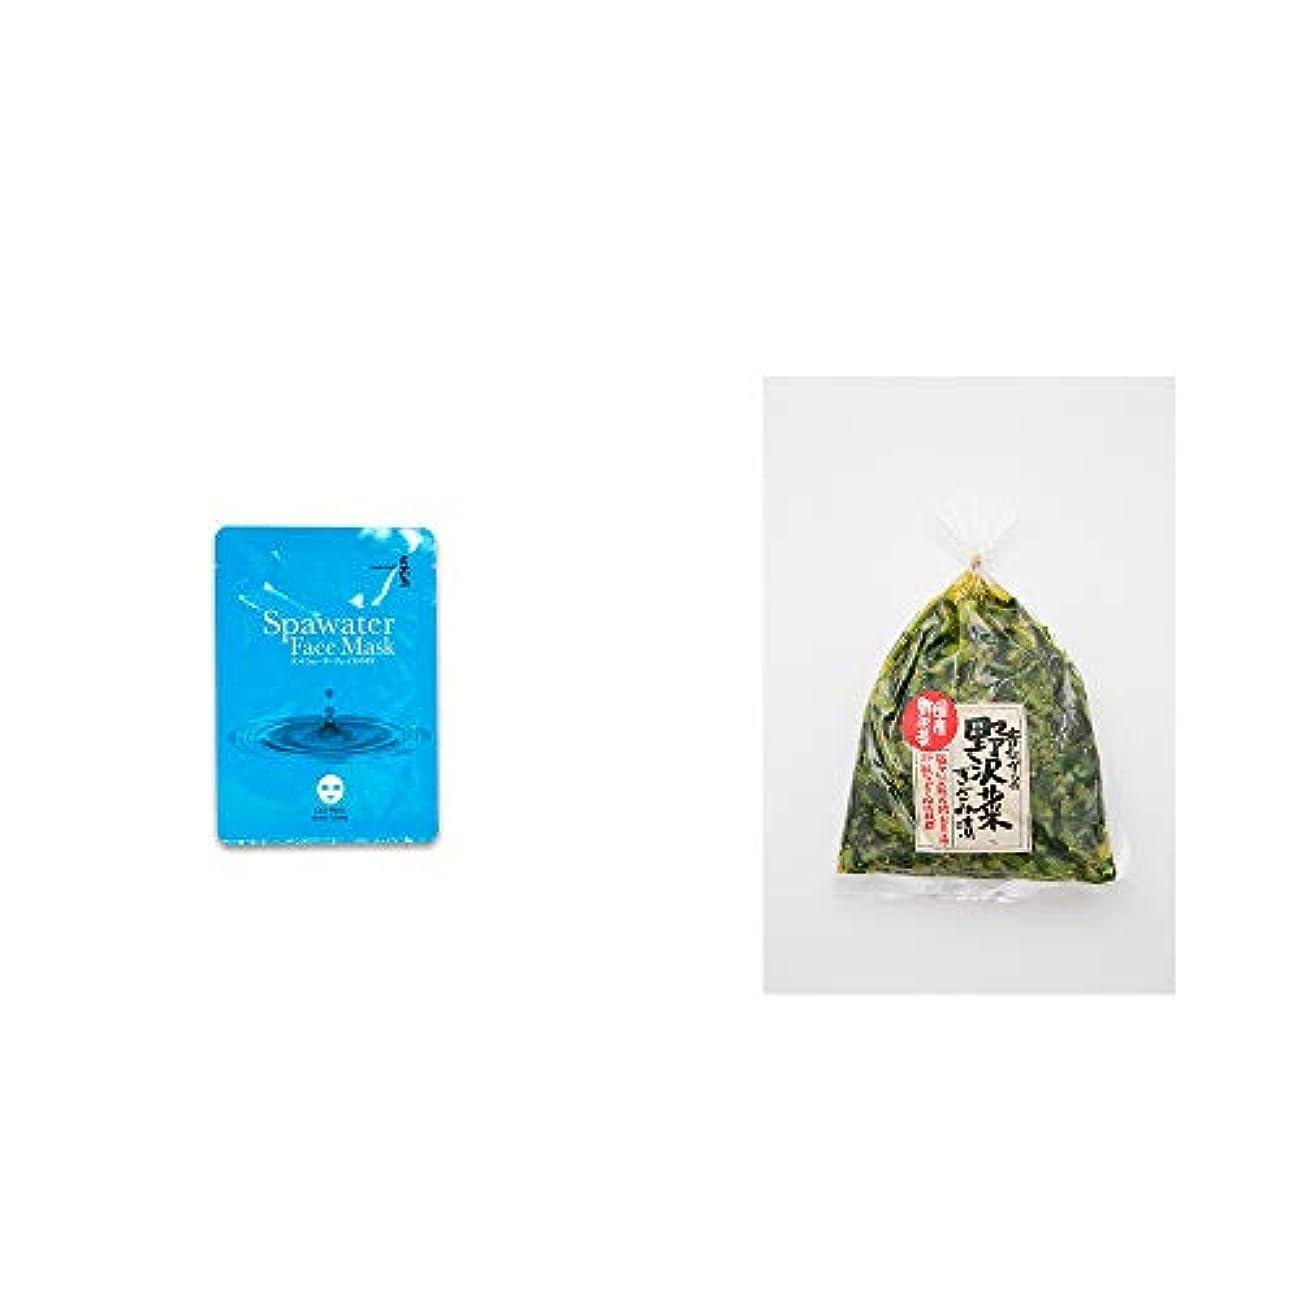 ベイビースキル祭り[2点セット] ひのき炭黒泉 スパウォーターフェイスマスク(18ml×3枚入)?国産 昔ながらの野沢菜きざみ漬け(150g)